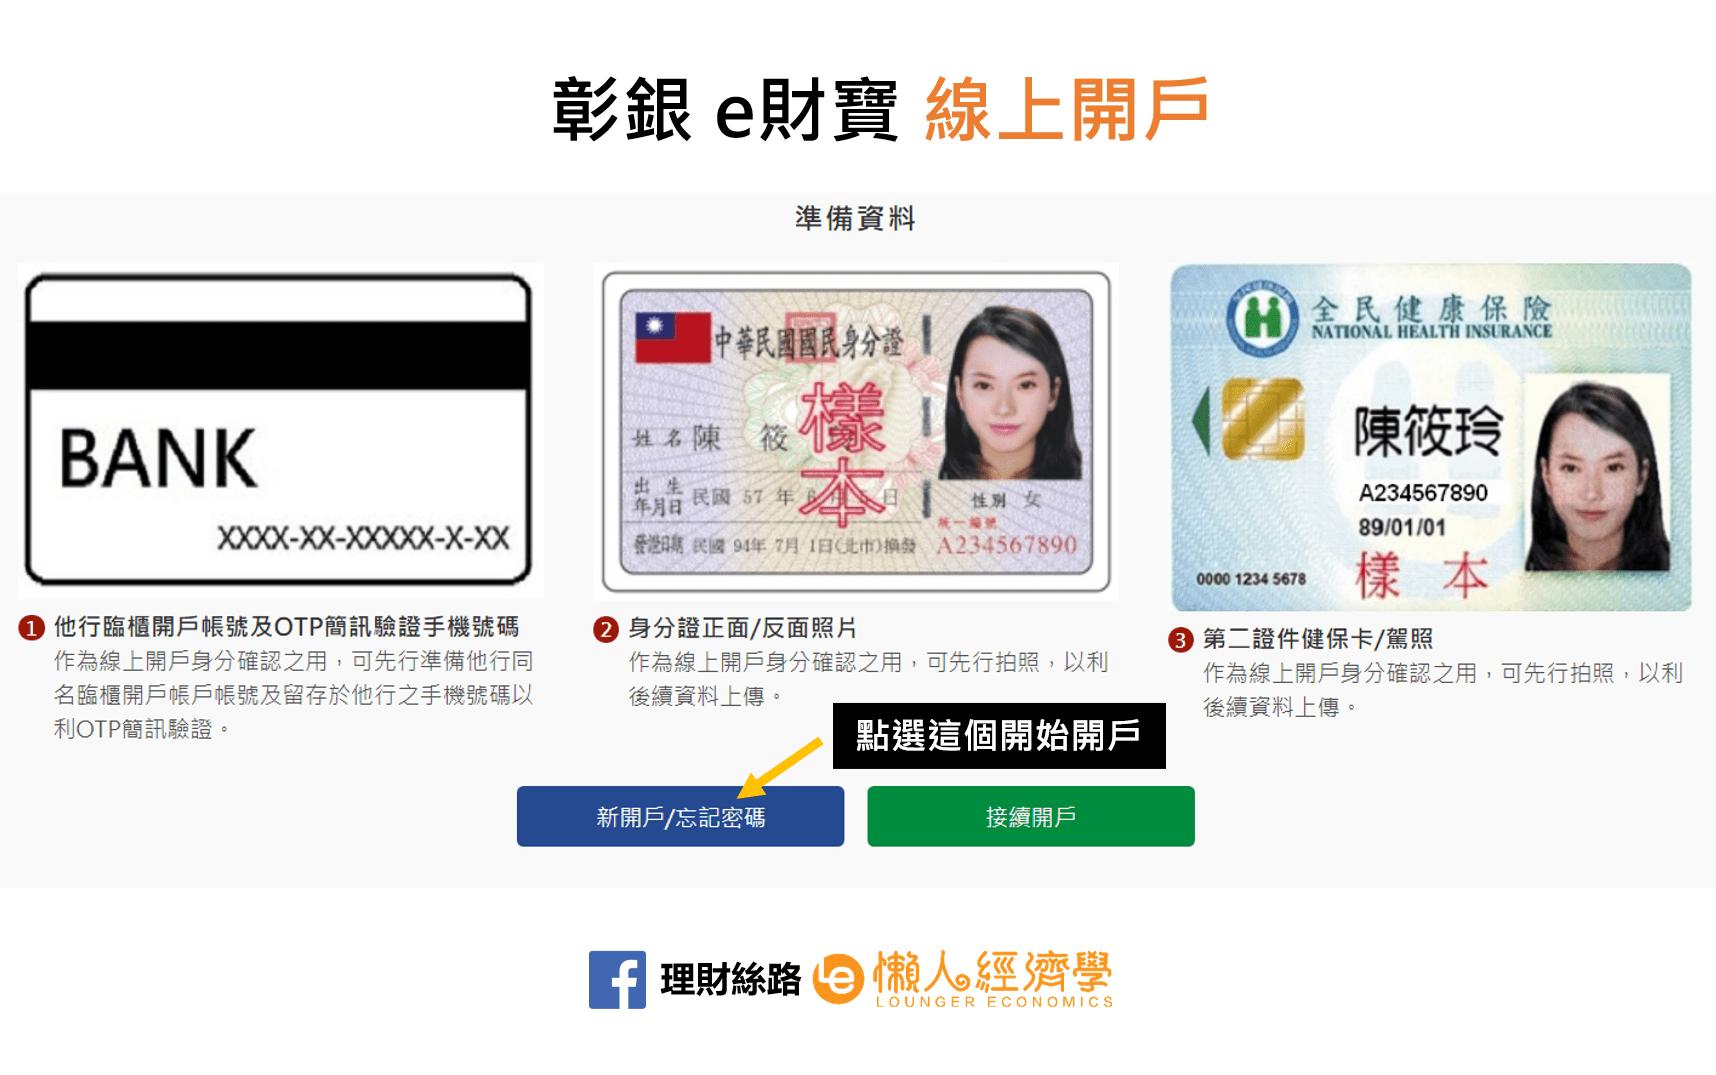 彰銀數位帳戶開戶教學-2